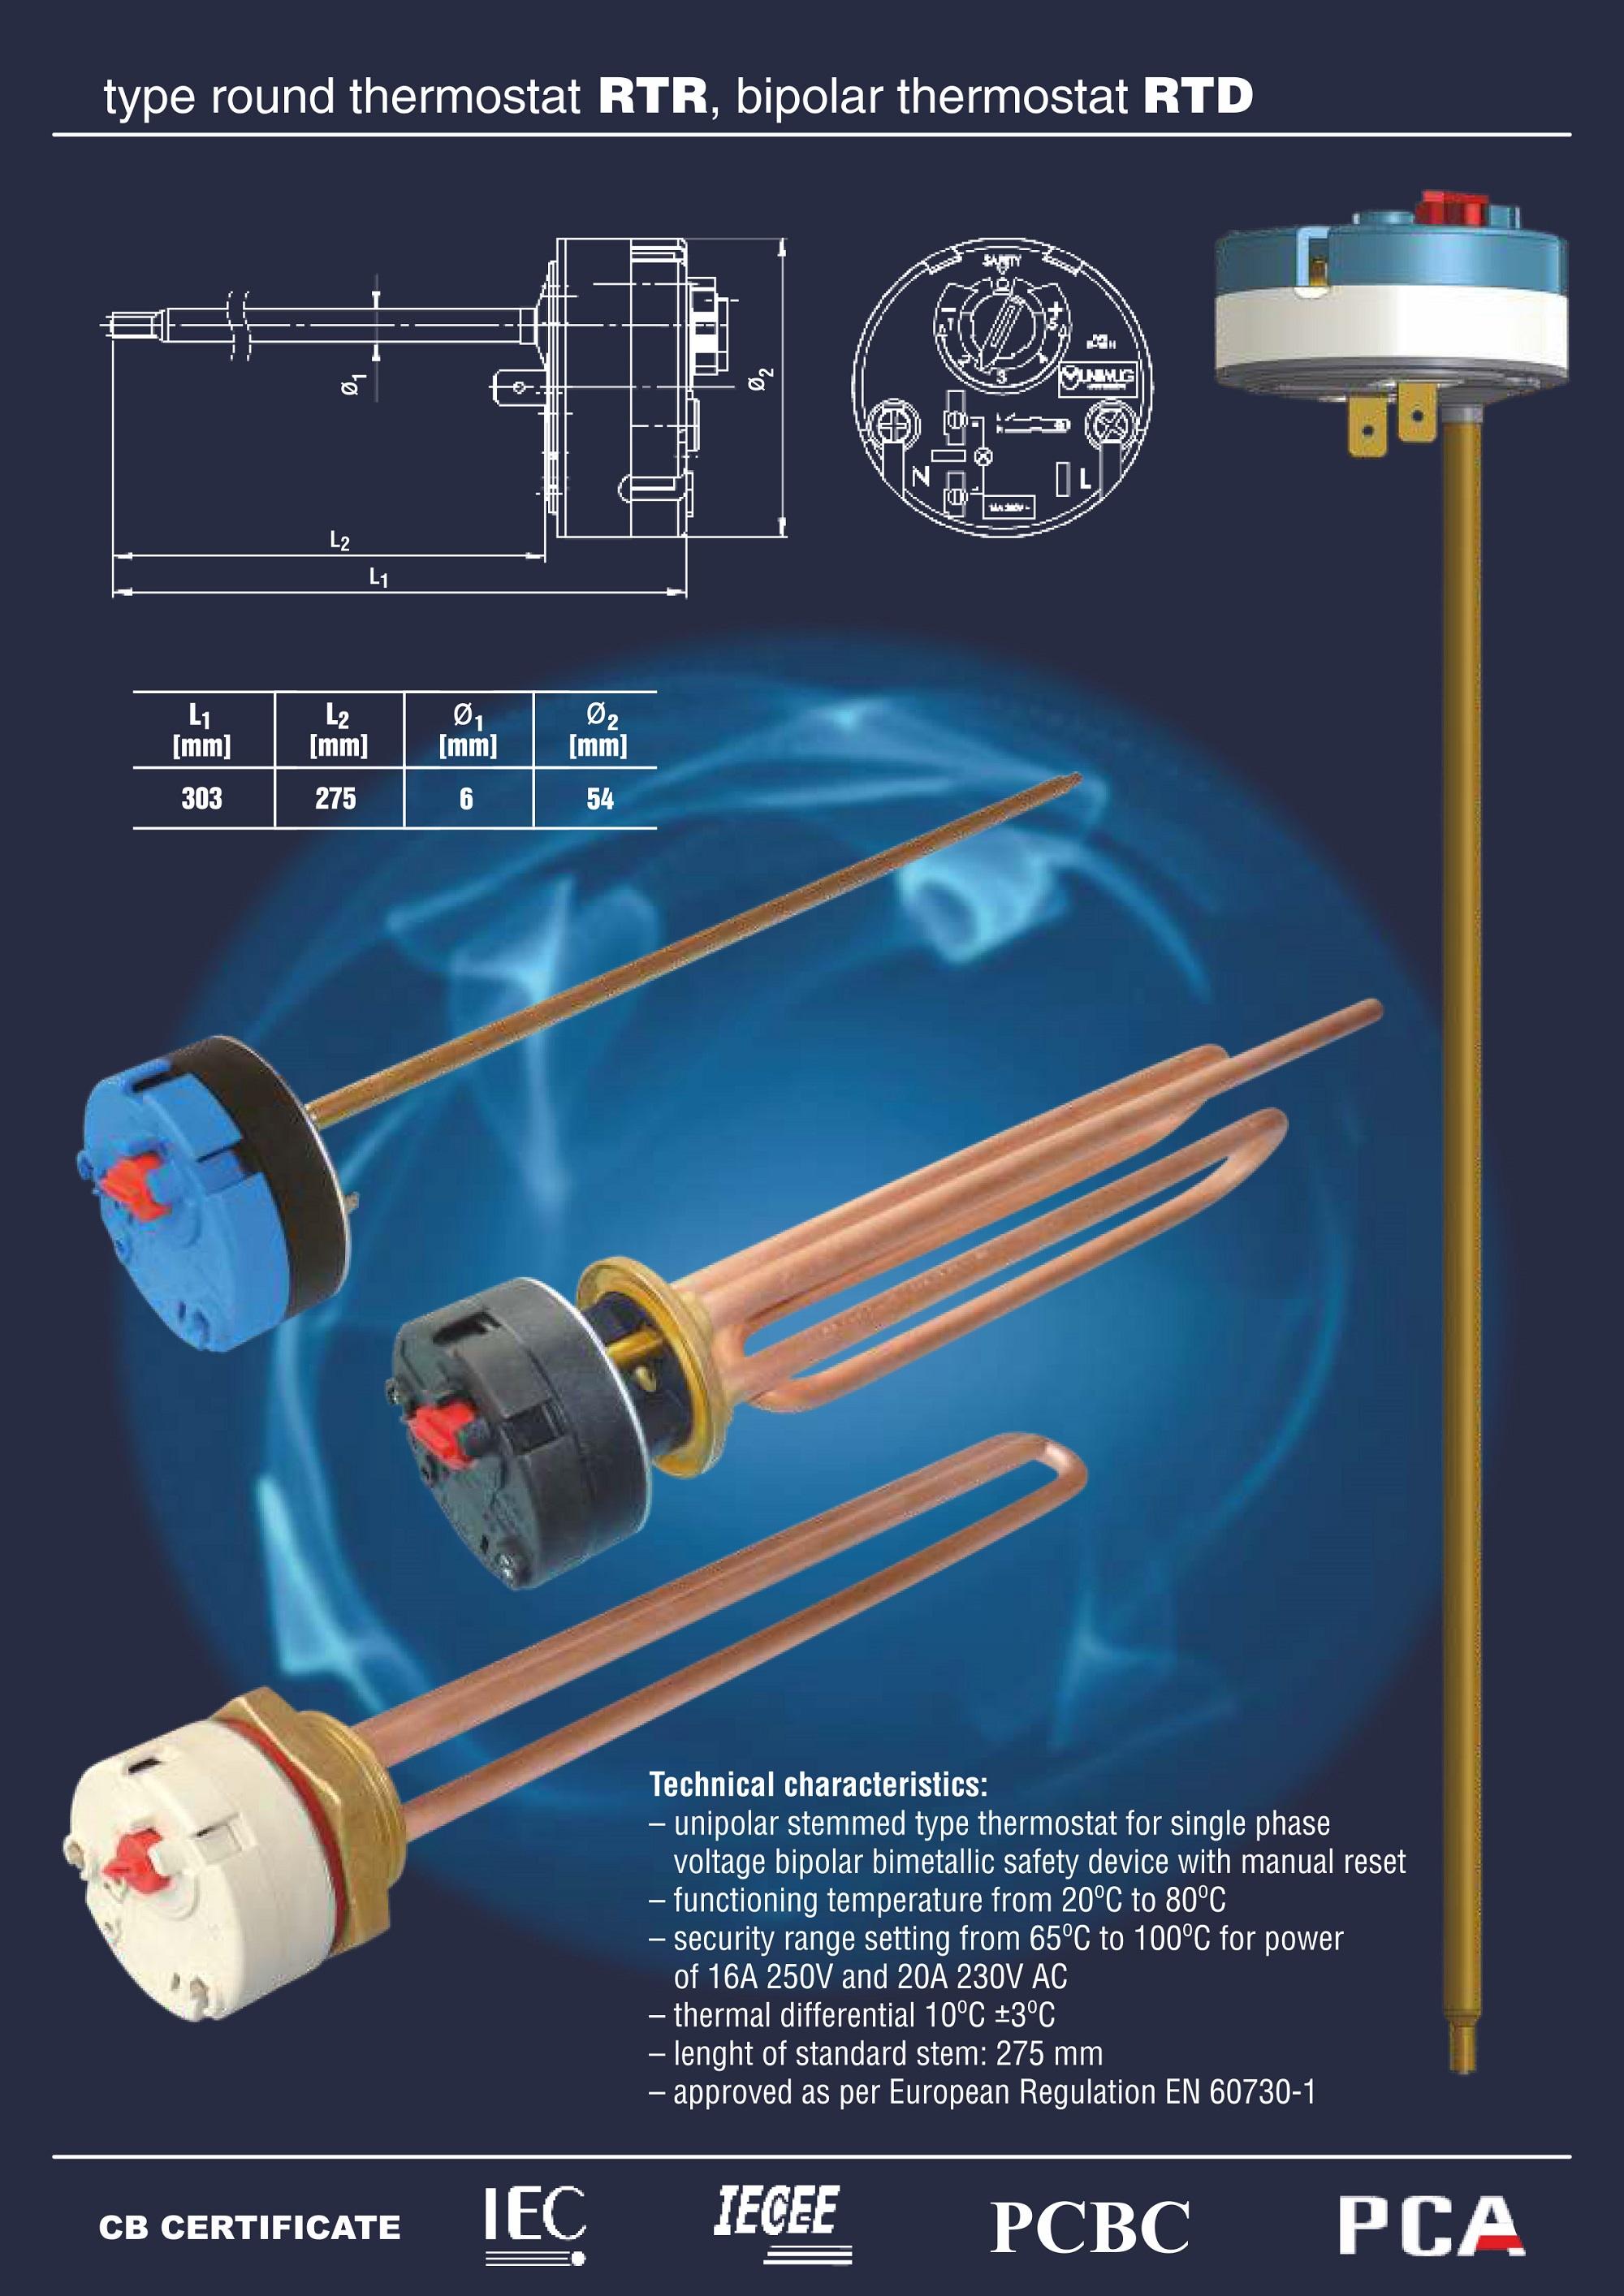 Strona katalogowa termostatów z oferty firmy WUG MB